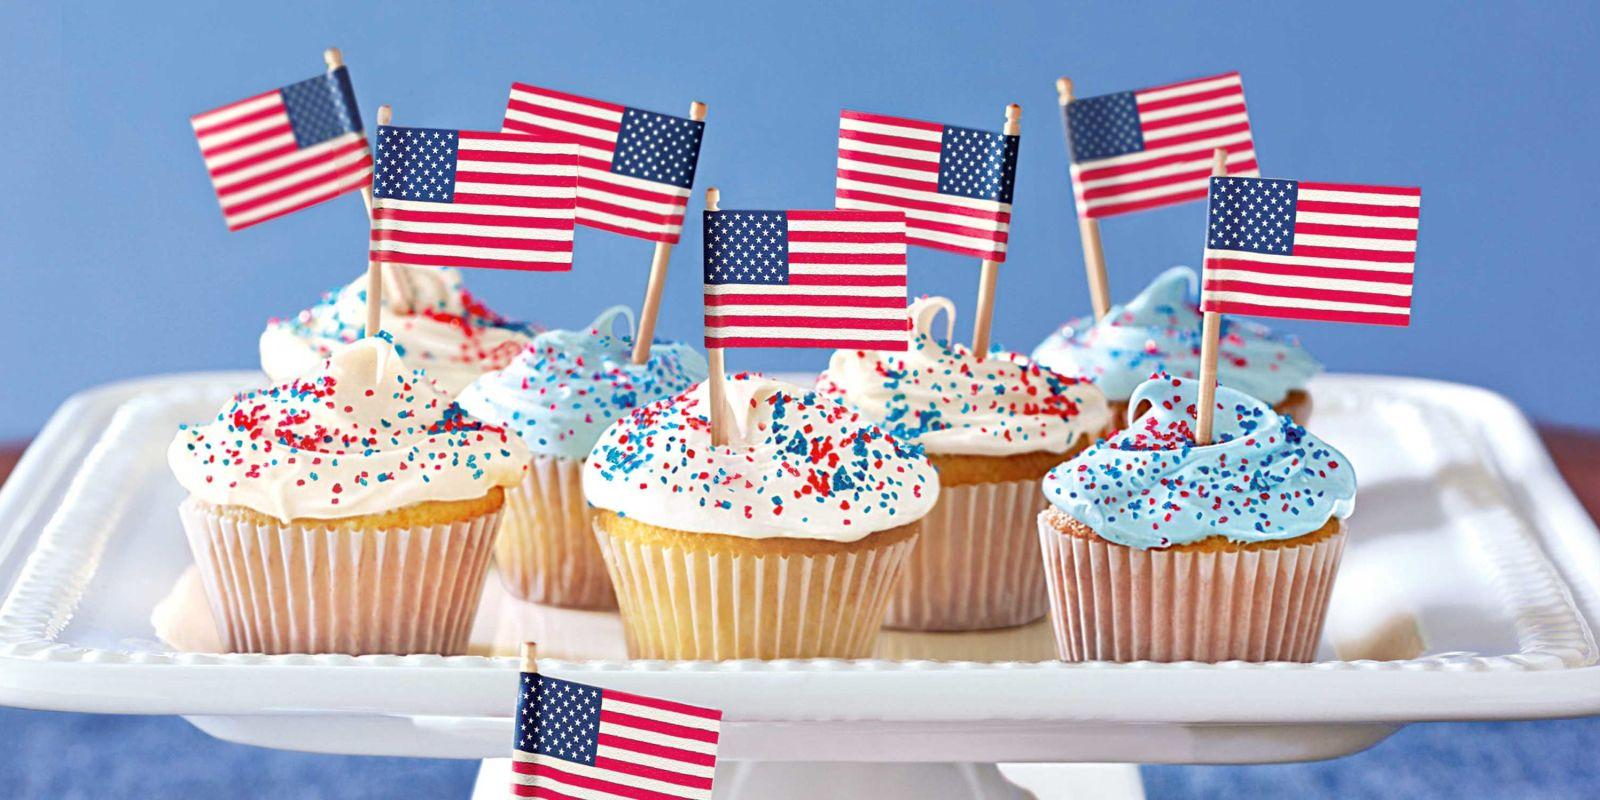 Patriotic Cake Decorating Ideas